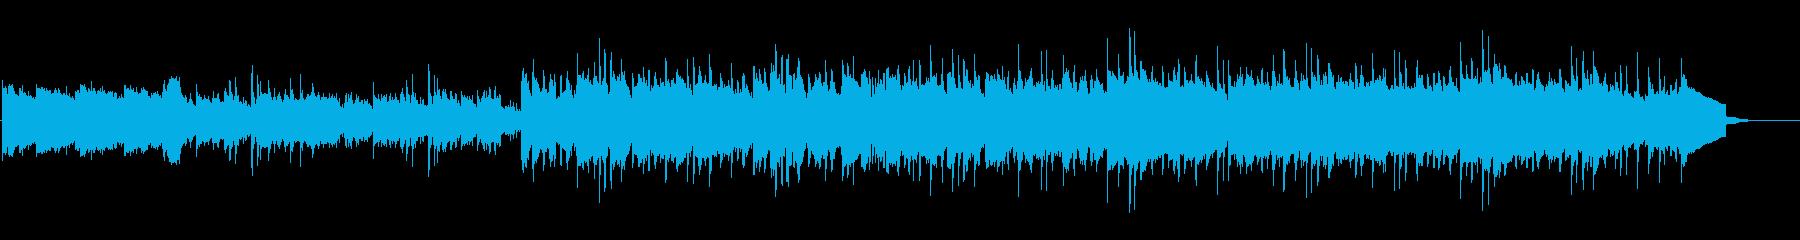 テンポ速めのさわやかギターサウンドの再生済みの波形